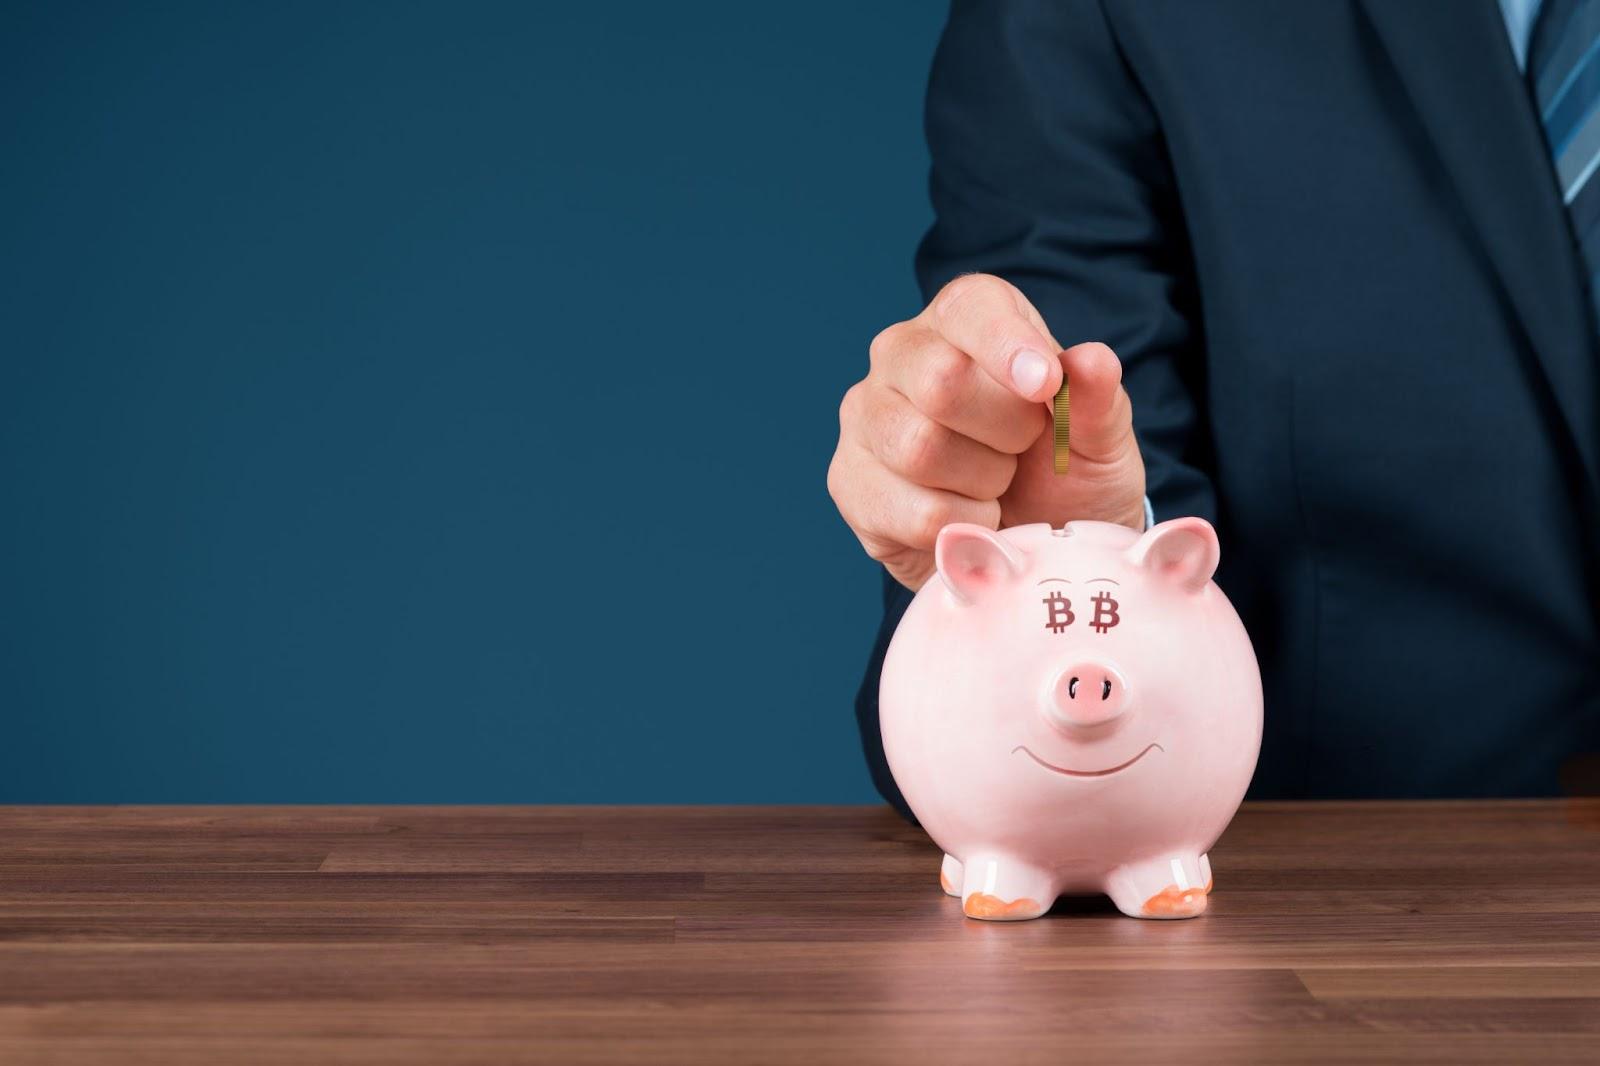 ¿Puede el cripto apostar derribar los ahorros bancarios tradicionales?